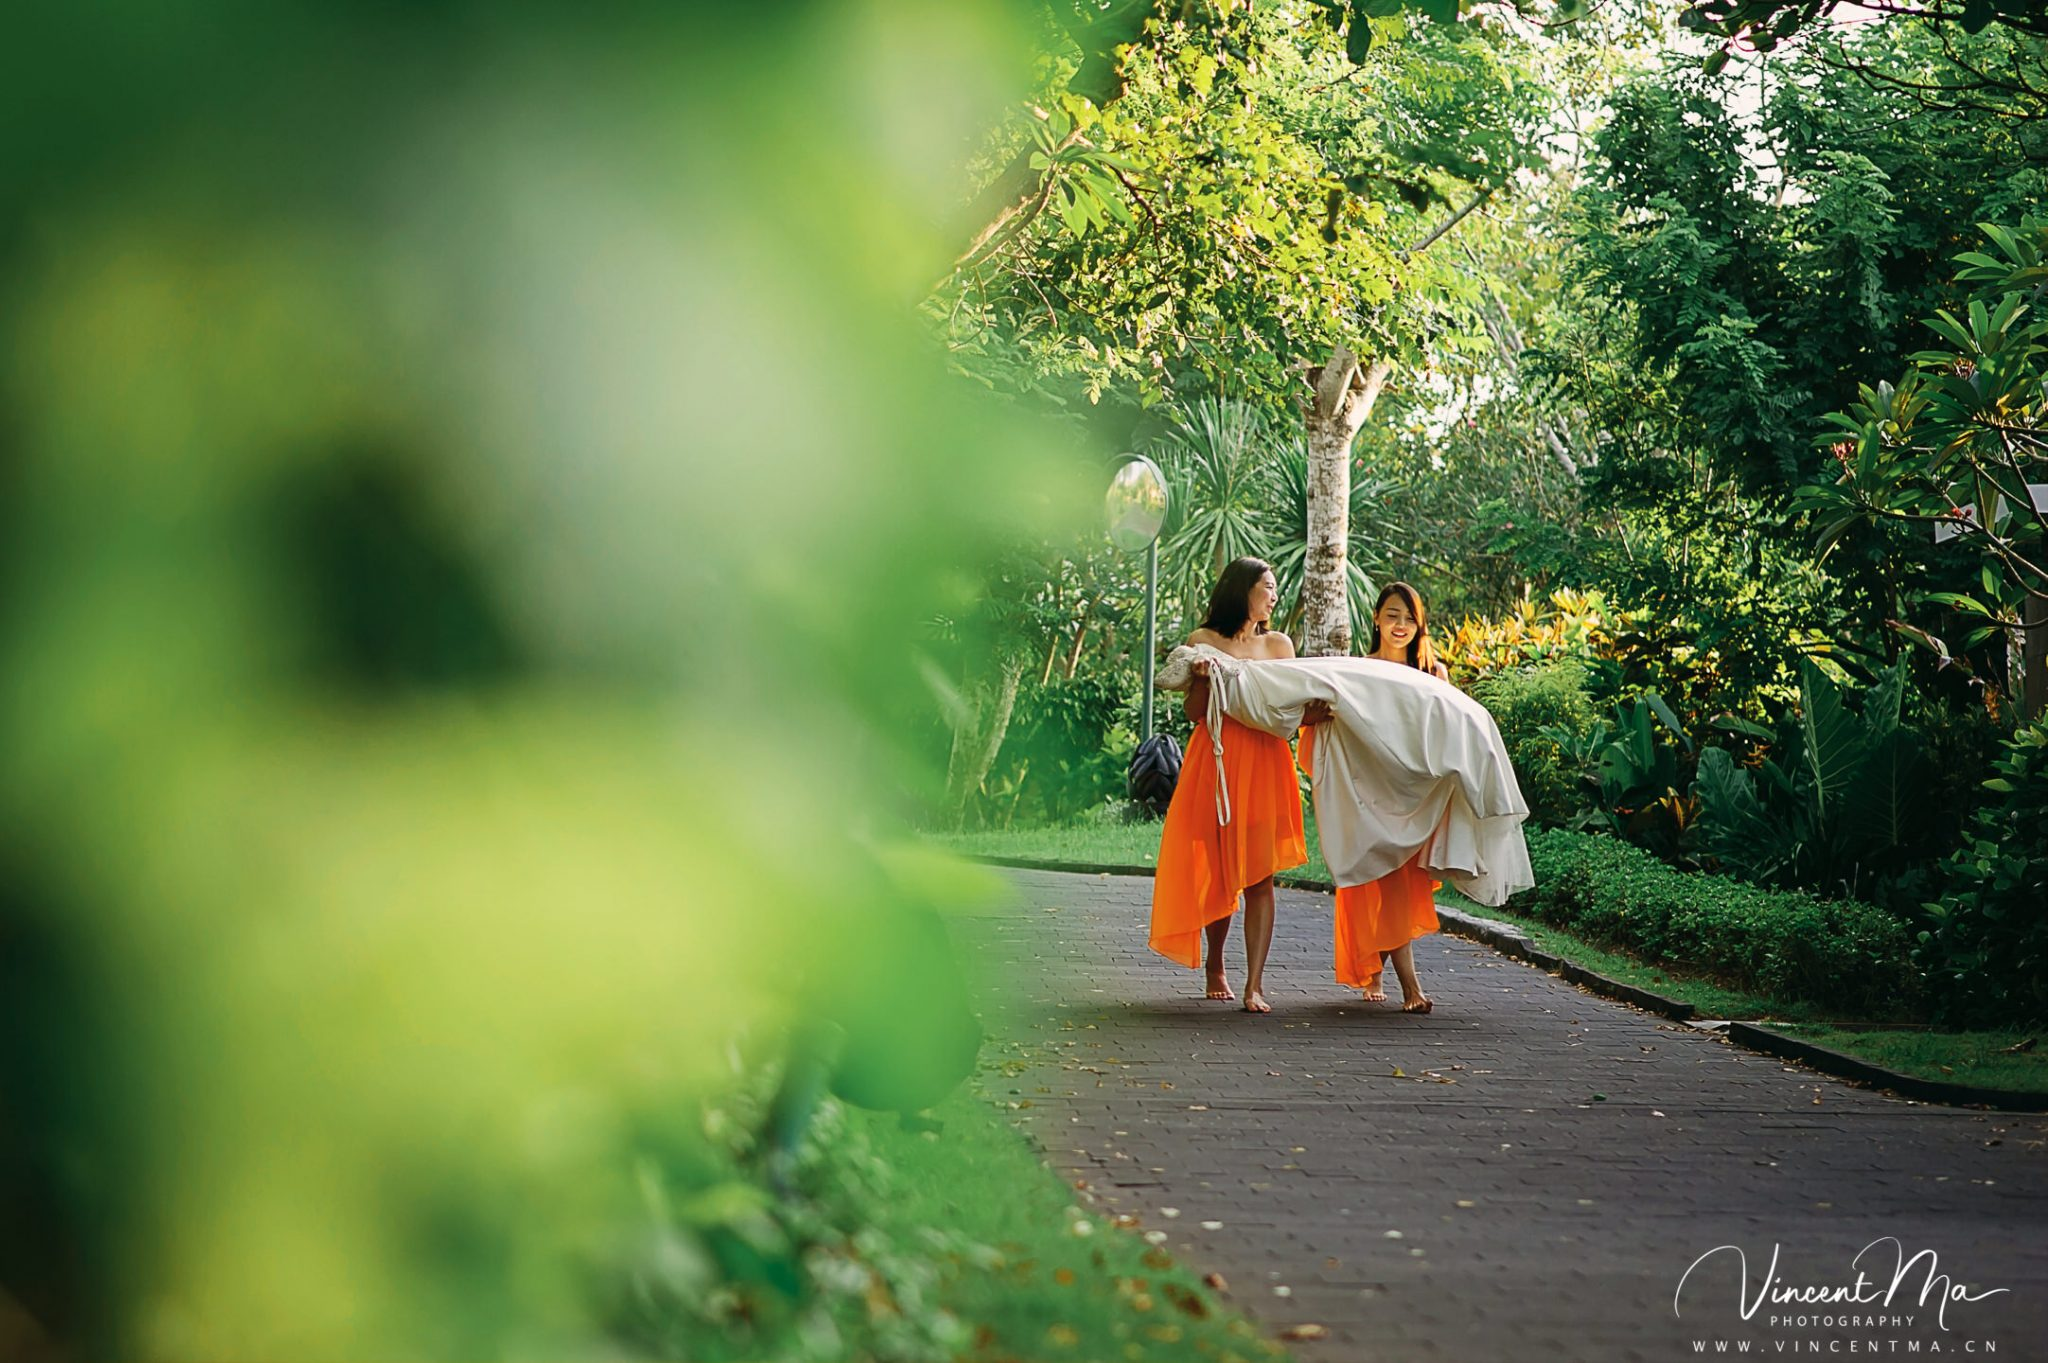 巴厘岛婚礼 北京婚礼纪实摄影 巴厘岛悦榕庄婚礼 Bali wedding